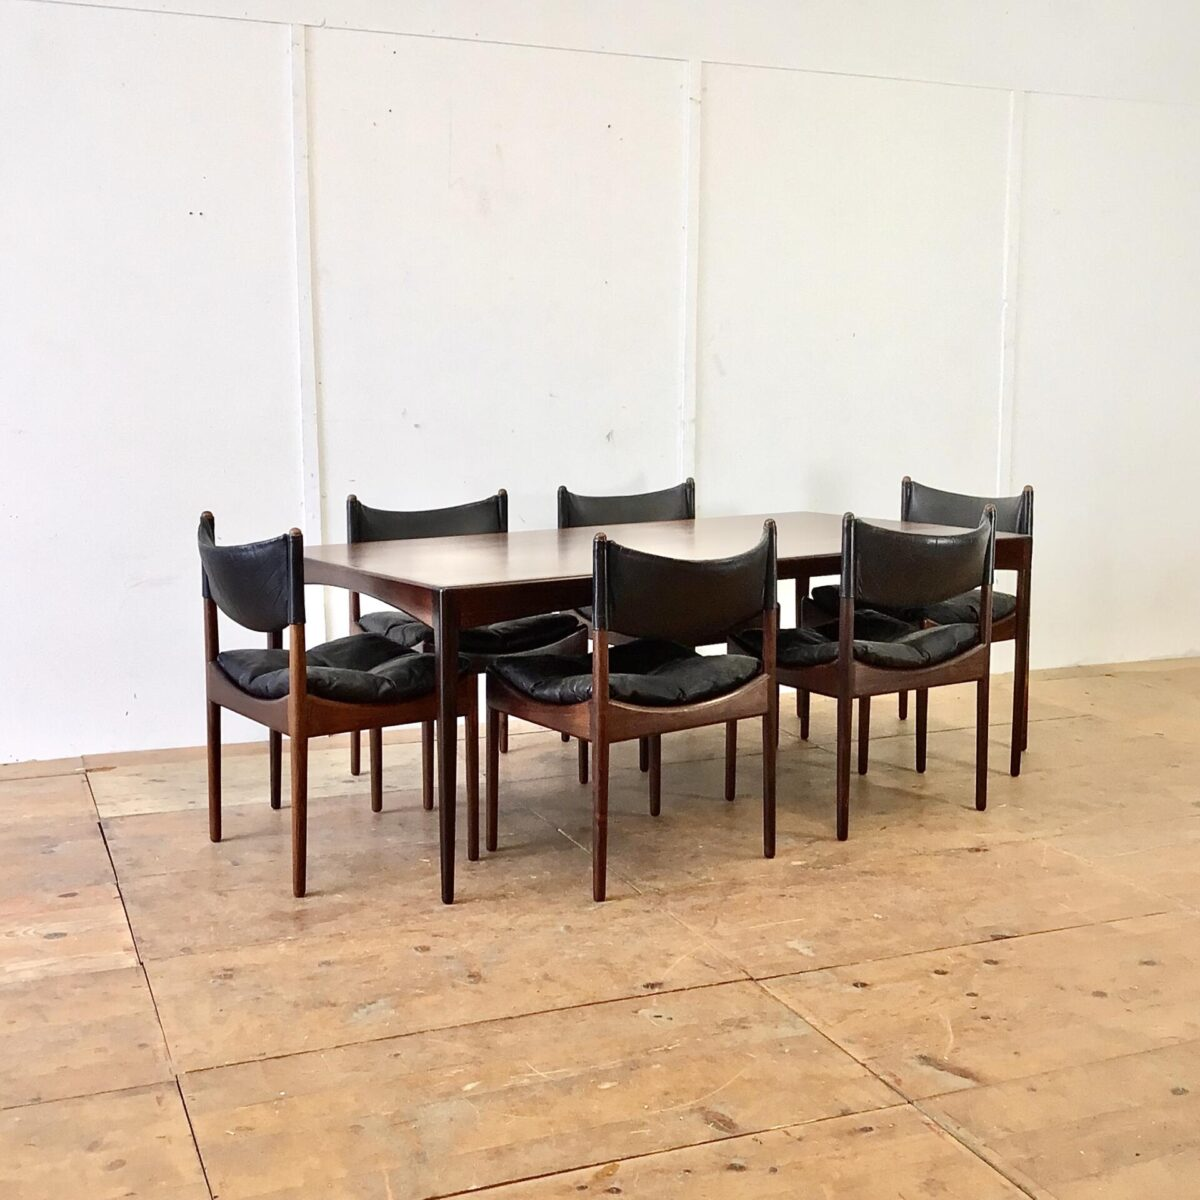 Deuxieme.shop midcentury Palisander Tisch. Dänisches Esszimmer Set aus der Modus Serie von Kristian Solmer Vedel, für Søren Willadsen 60er Jahre. Palisander Tisch 180x90cm Höhe 66cm. Mit 6 passenden Stühlen Sitzhöhe 42cm. Der Tisch ist im Vergleich zu anderen Tischen eher niedrig, in Kombination mit den Stühlen stimmt das Verhältnis und ist recht angenehm.